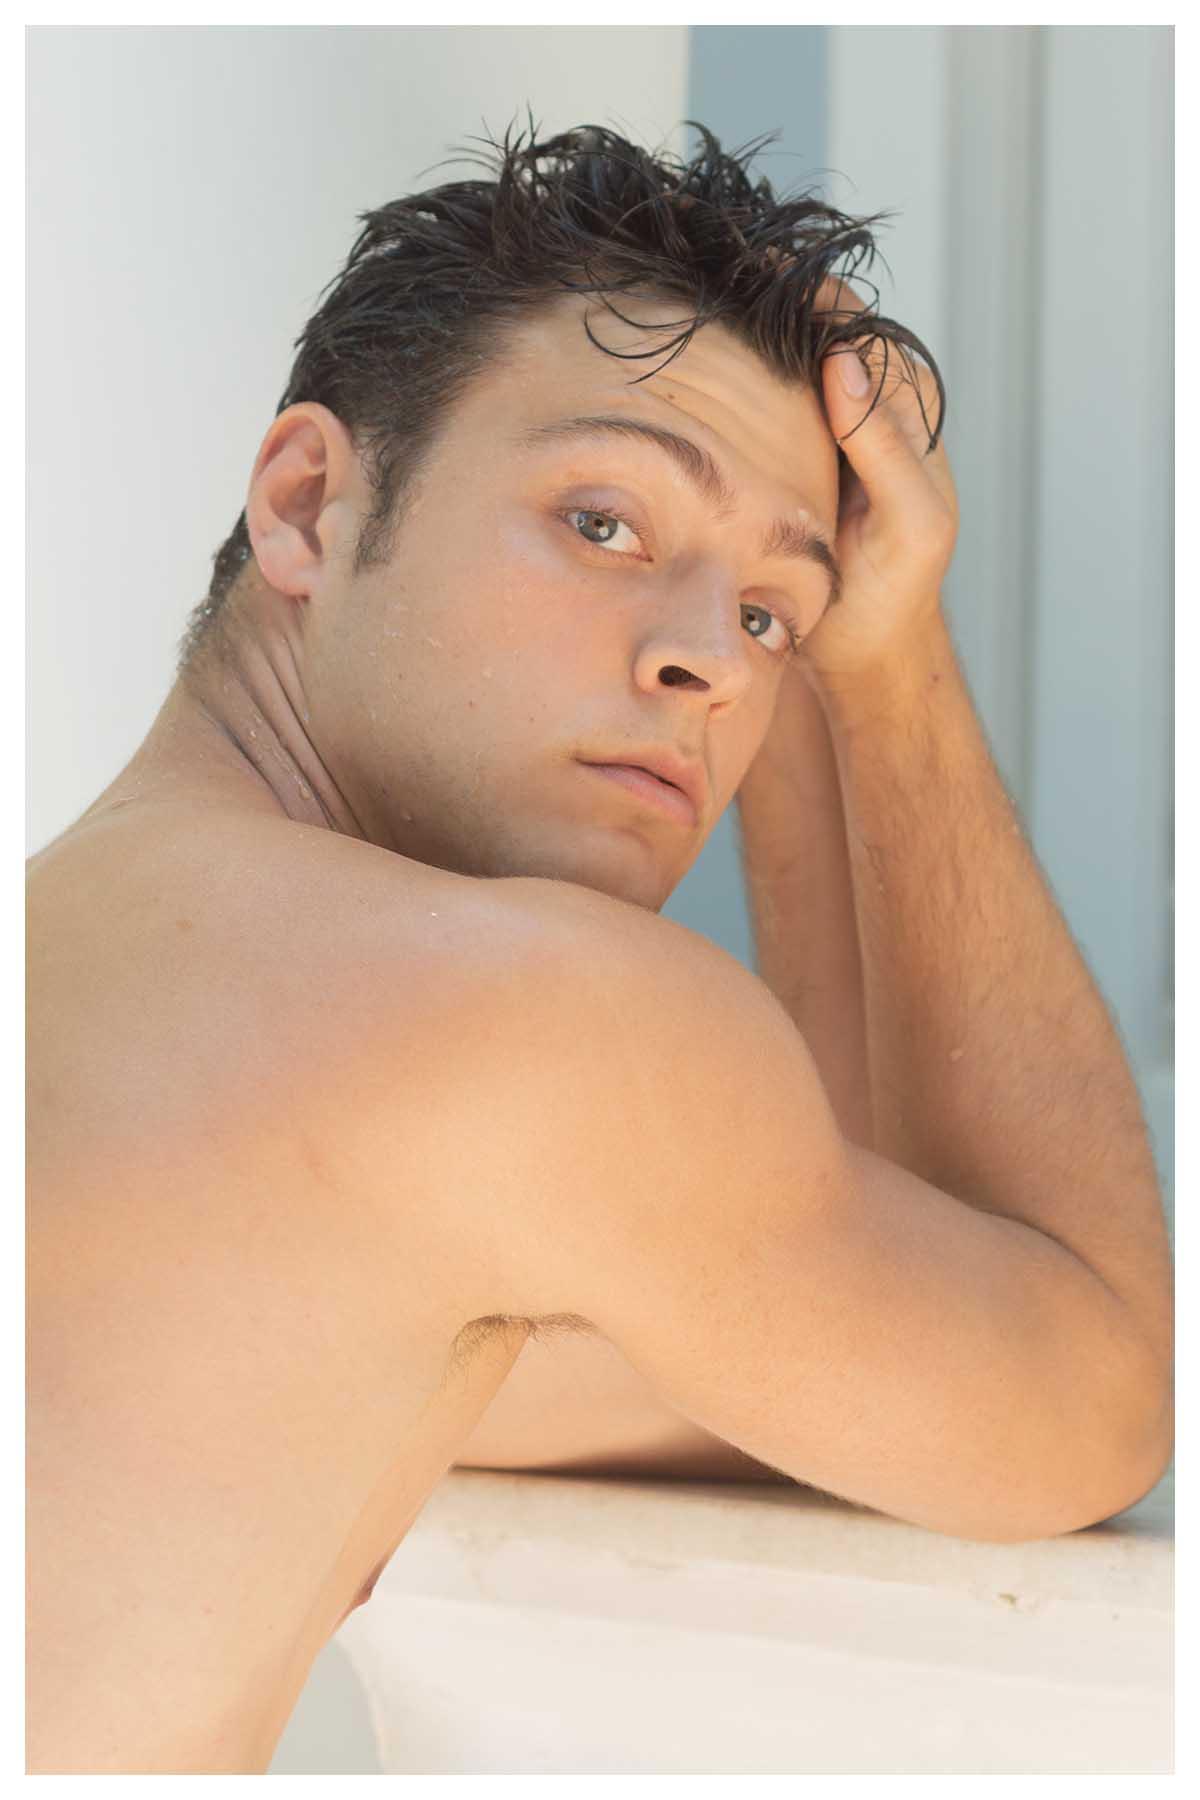 Daniel Arrais by Beto Urbano for Brazilian Male Model